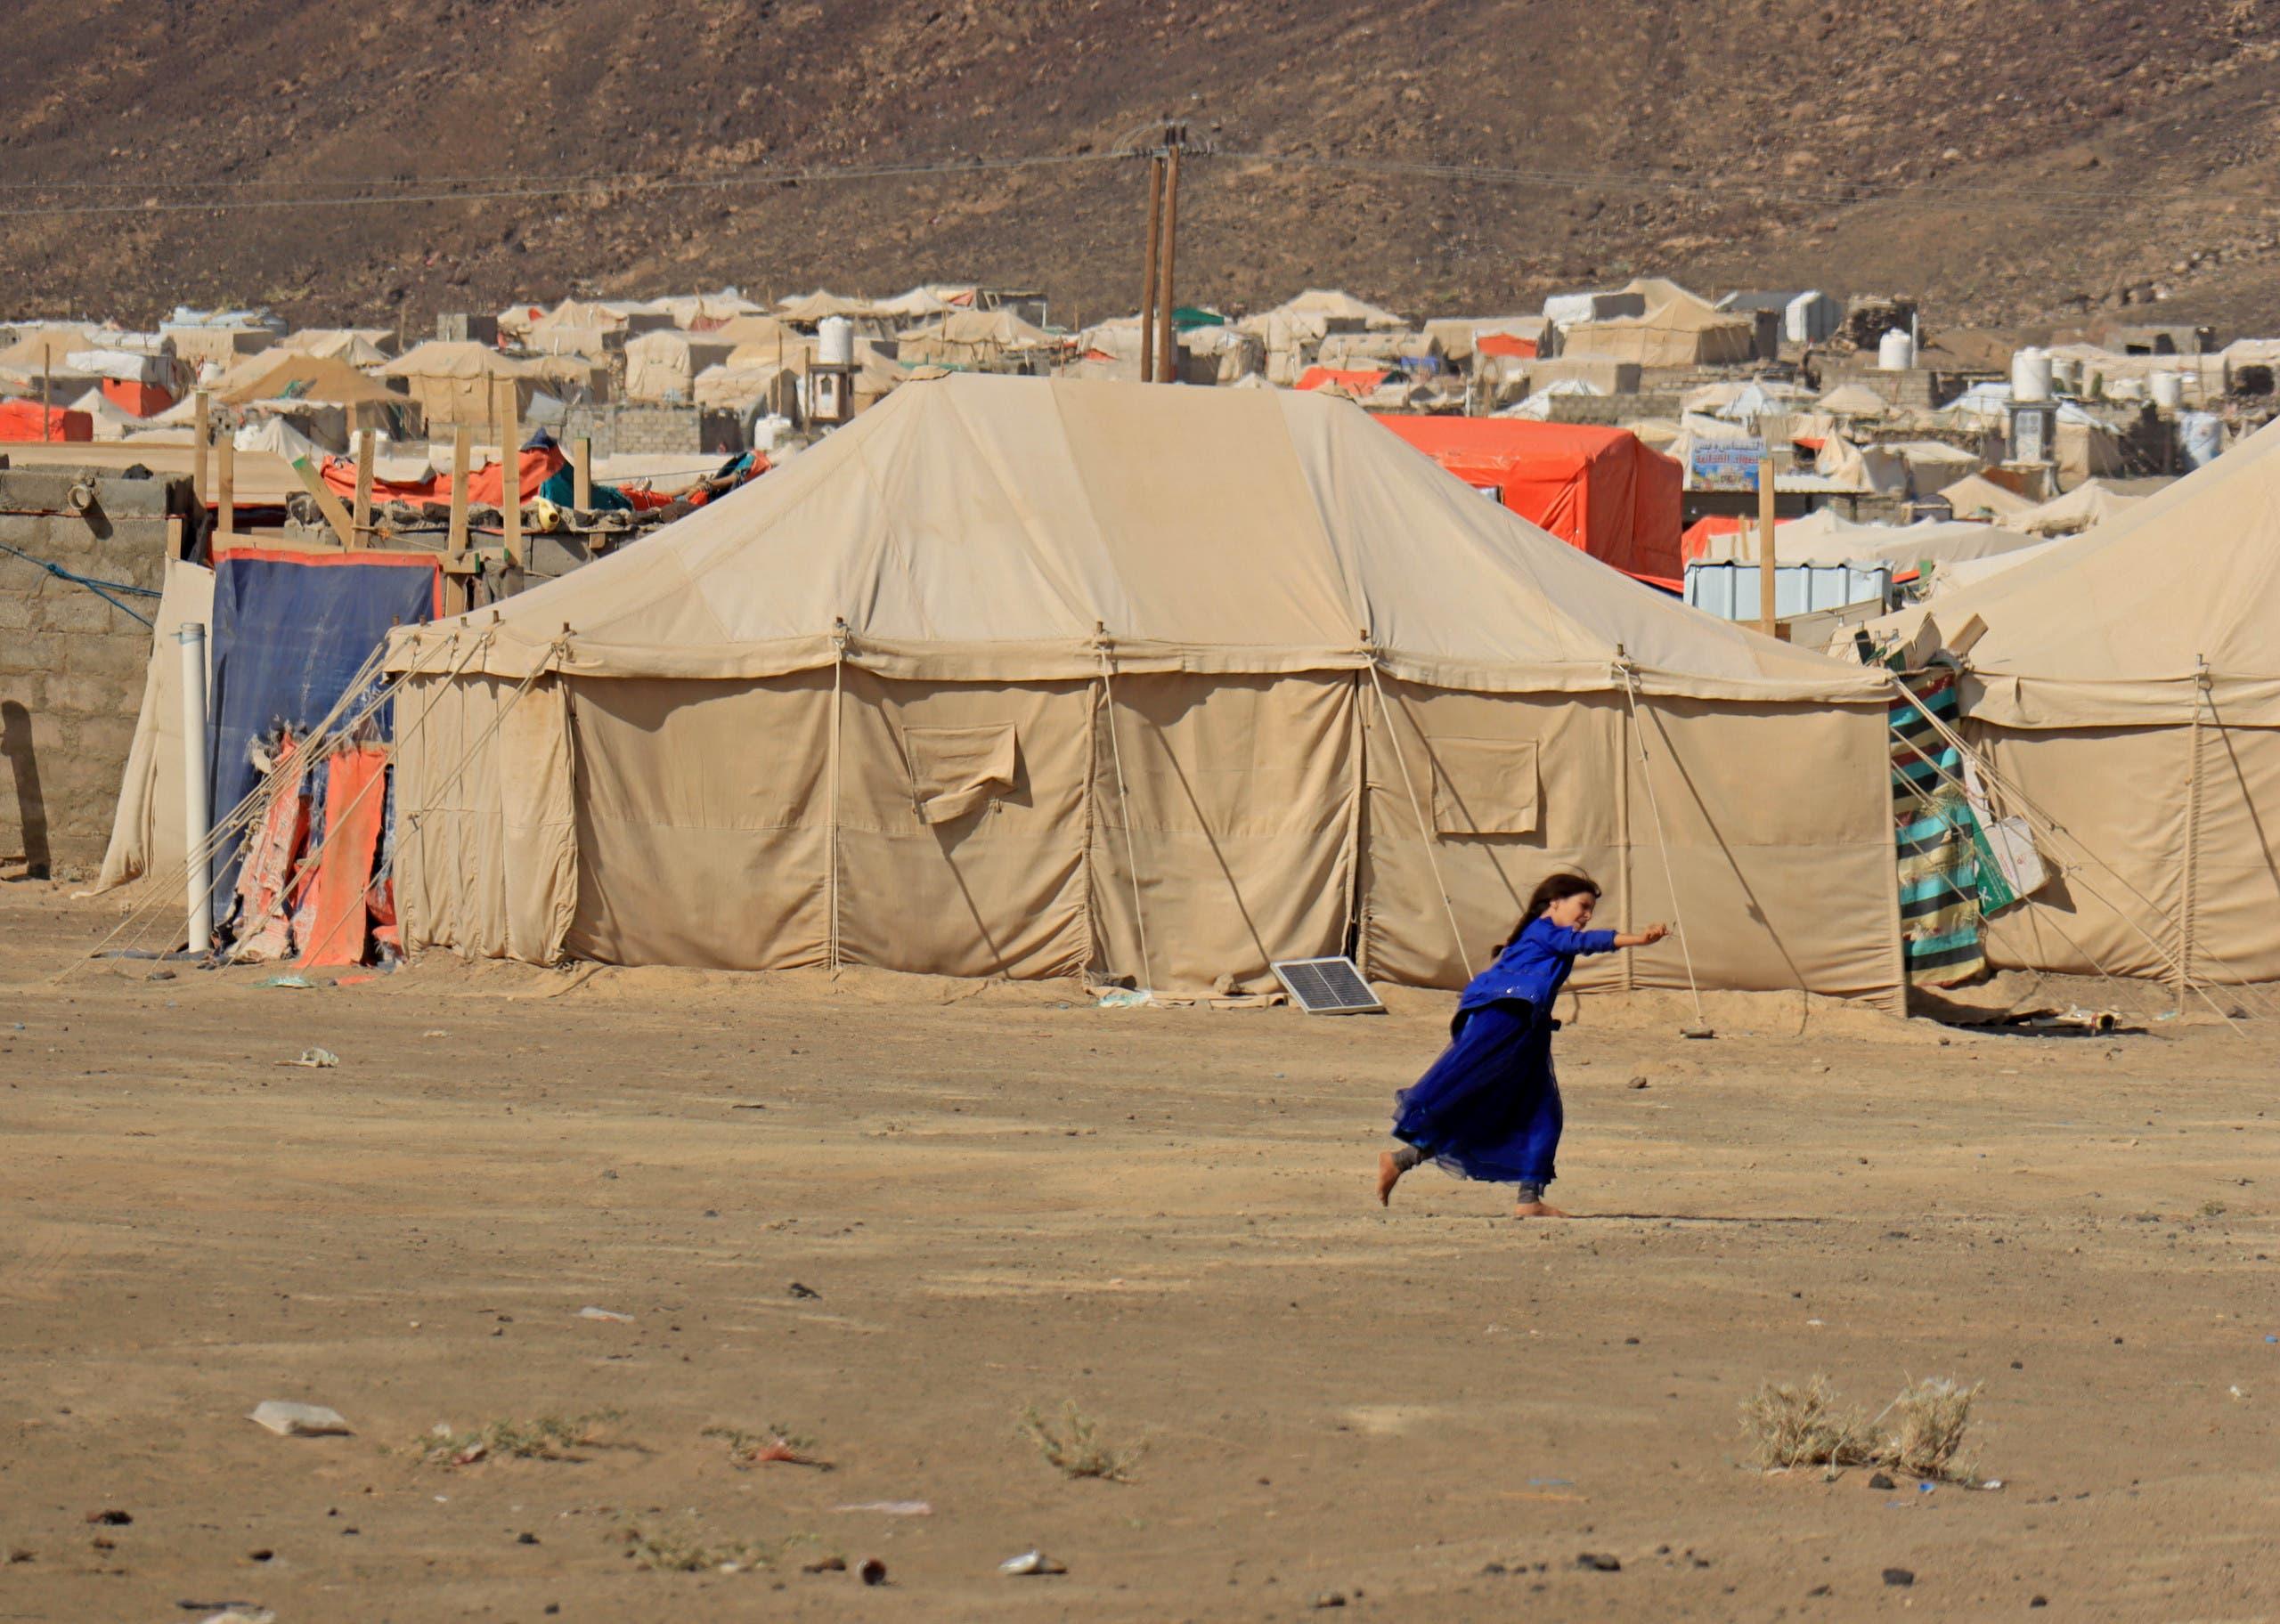 طفلة تلعب في مخيم للنازحين في مأرب (أرشيفية)